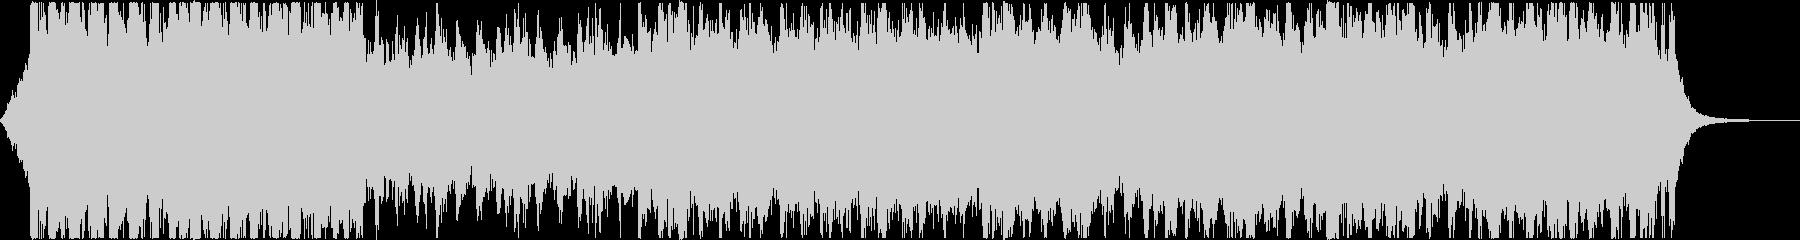 ファンファーレオーケストラBGMの未再生の波形